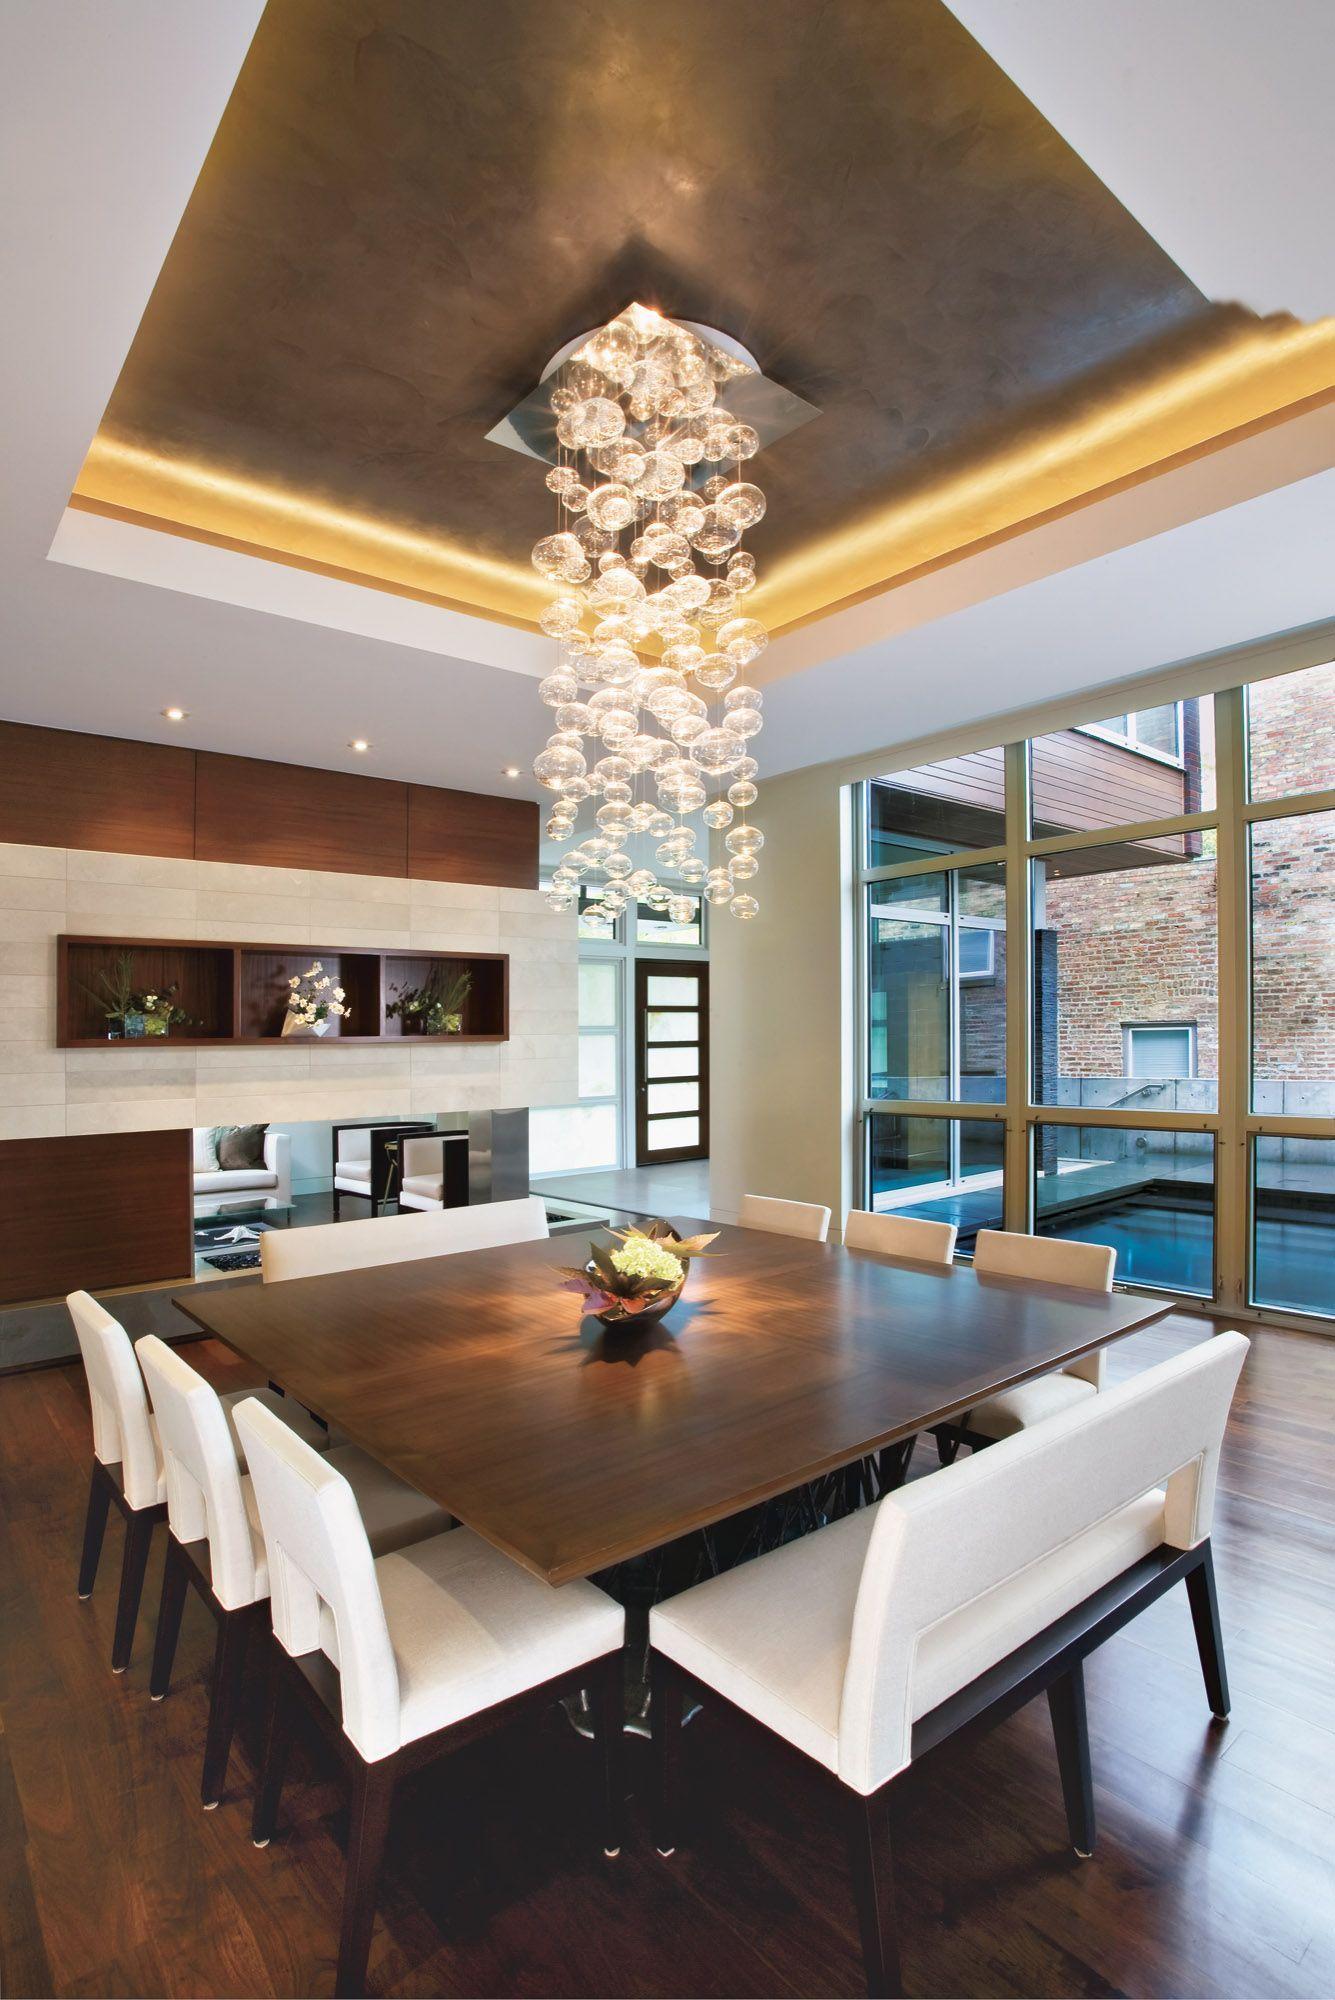 Contemporary Dining Room Design, Formal Dining Room Ideas 2020